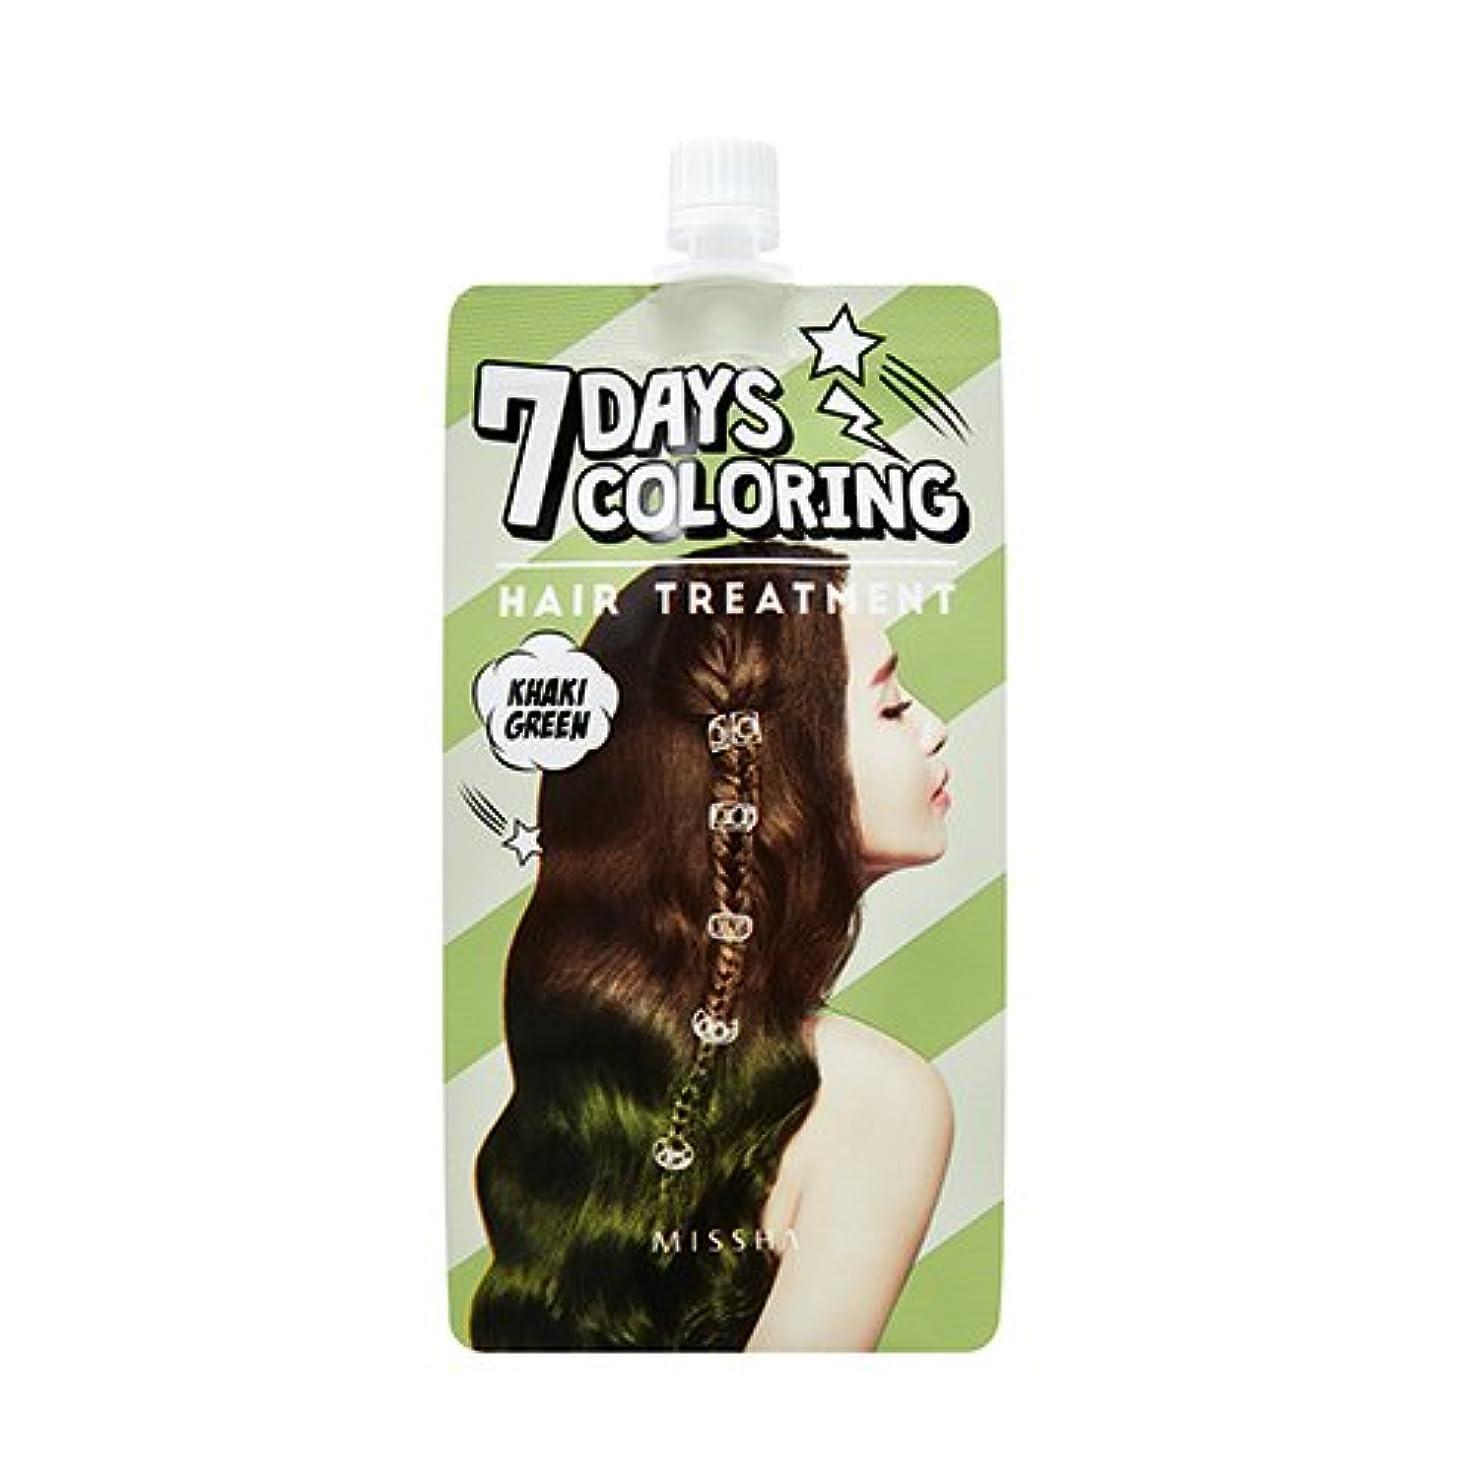 パラダイス南アメリカ推進力MISSHA 7 Days Coloring Hair Treatment 25ml/ミシャ 7デイズ カラーリング ヘア トリートメント 25ml (#Khaki Green) [並行輸入品]